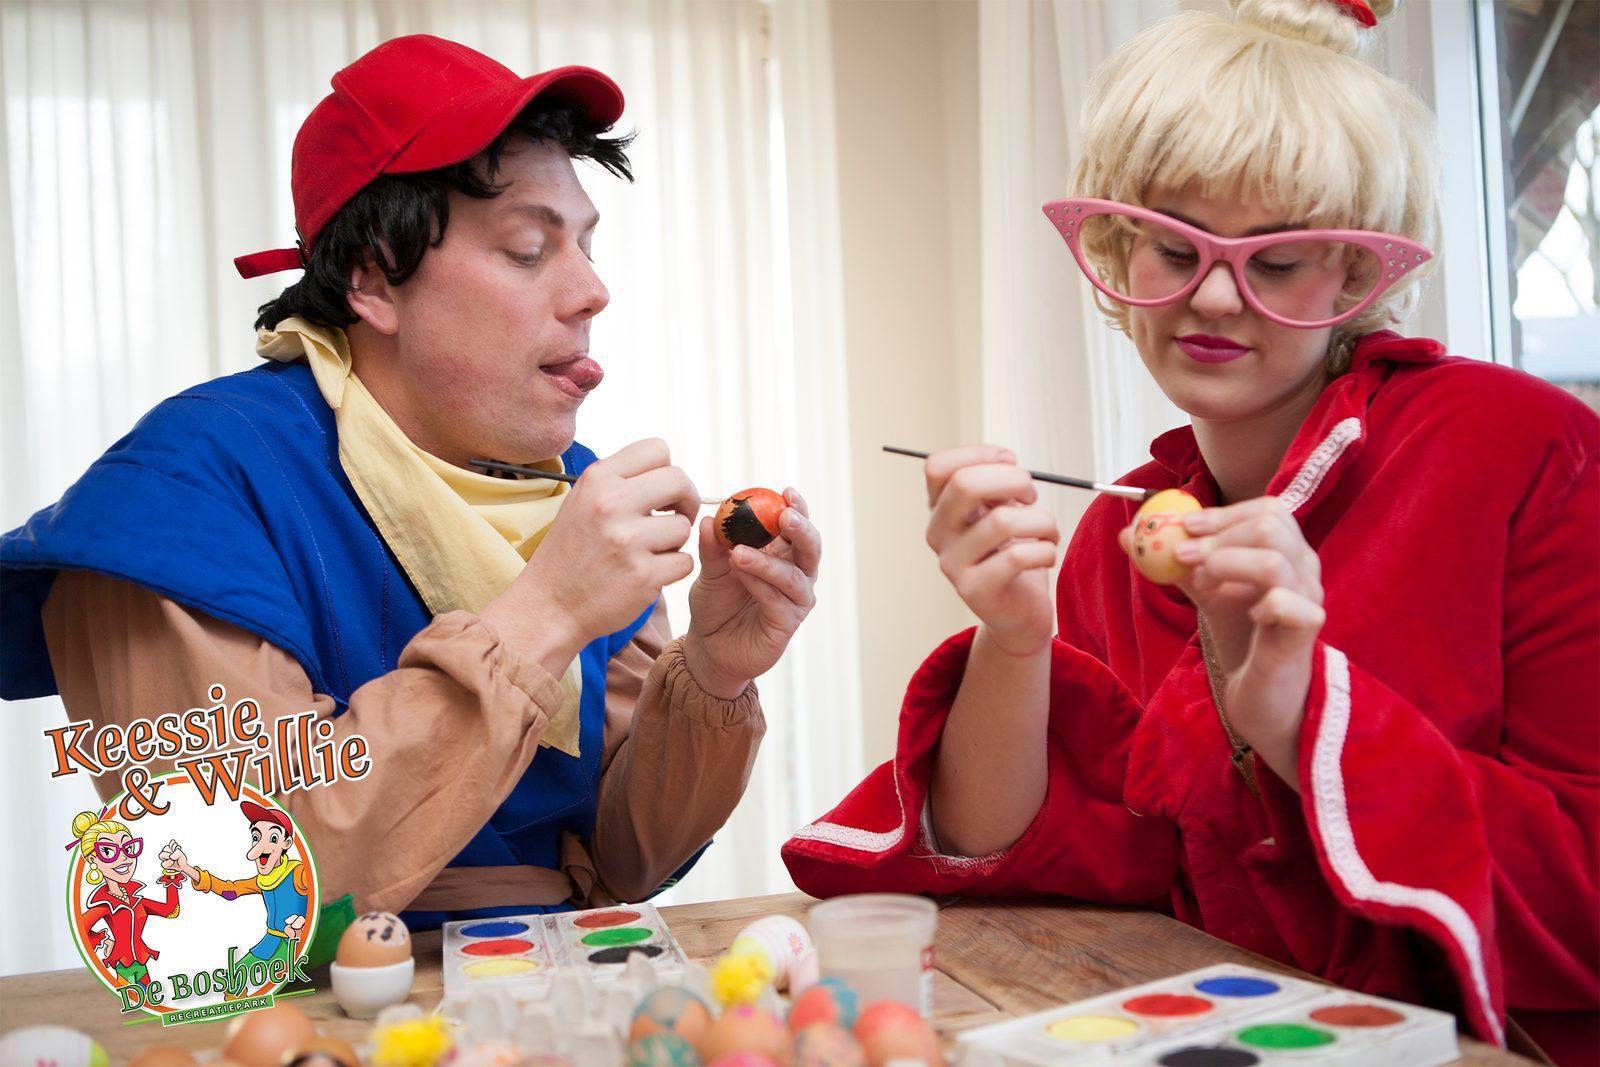 Kom gezellig mee doen met Keessie en Willie tijdens de Paasdagen